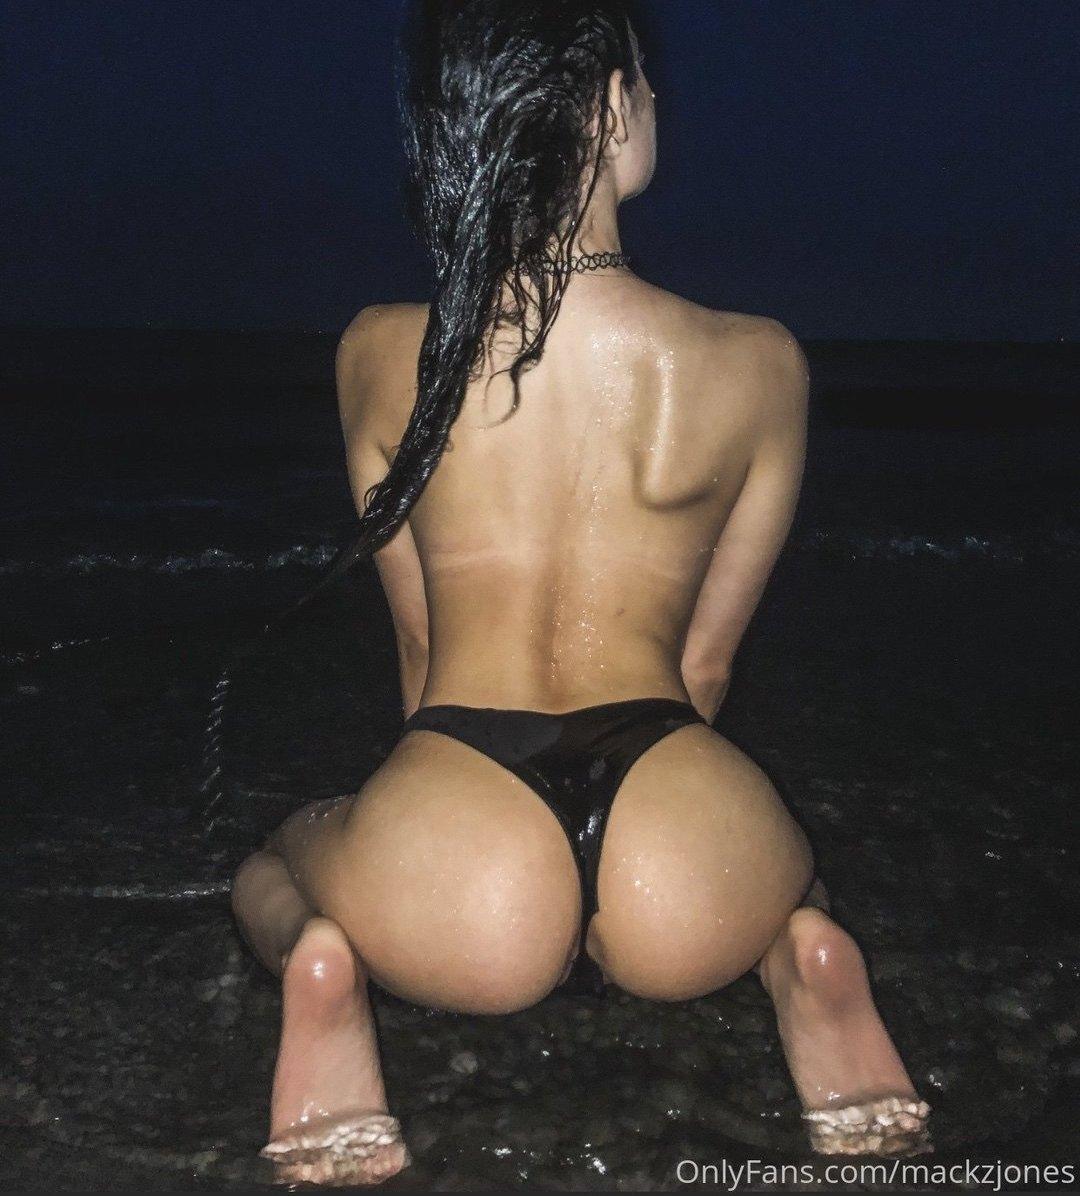 Mackenzie Jones Mackzjones Onlyfans Nudes Leaks 0028